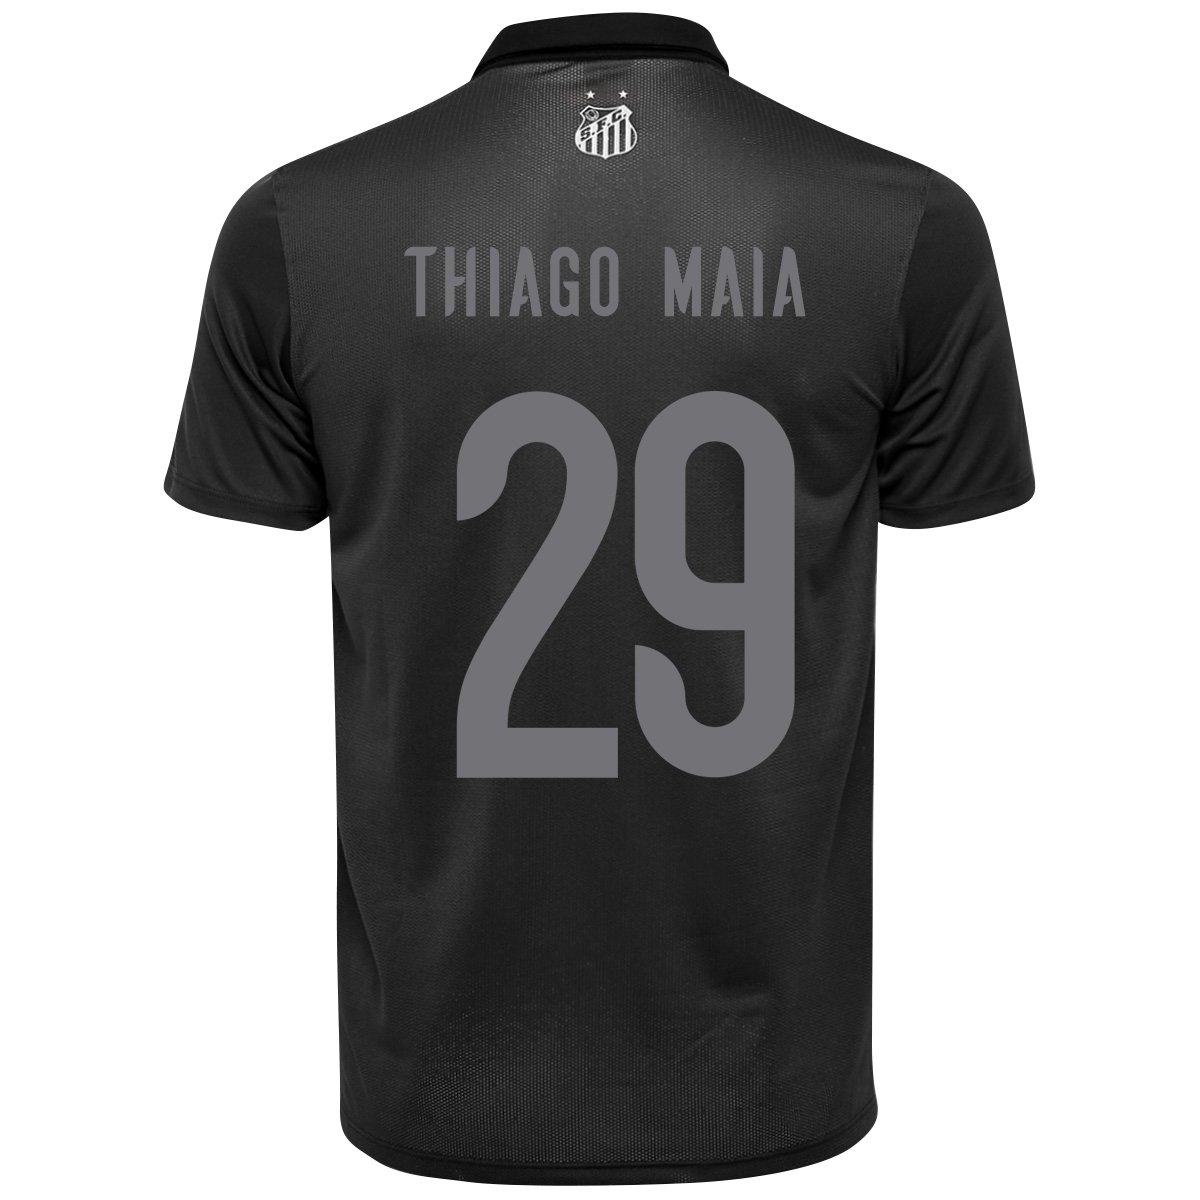 1b80f7d472837 Camisa Nike Santos III 2015 nº 29 - Thiago Maia - Compre Agora ...